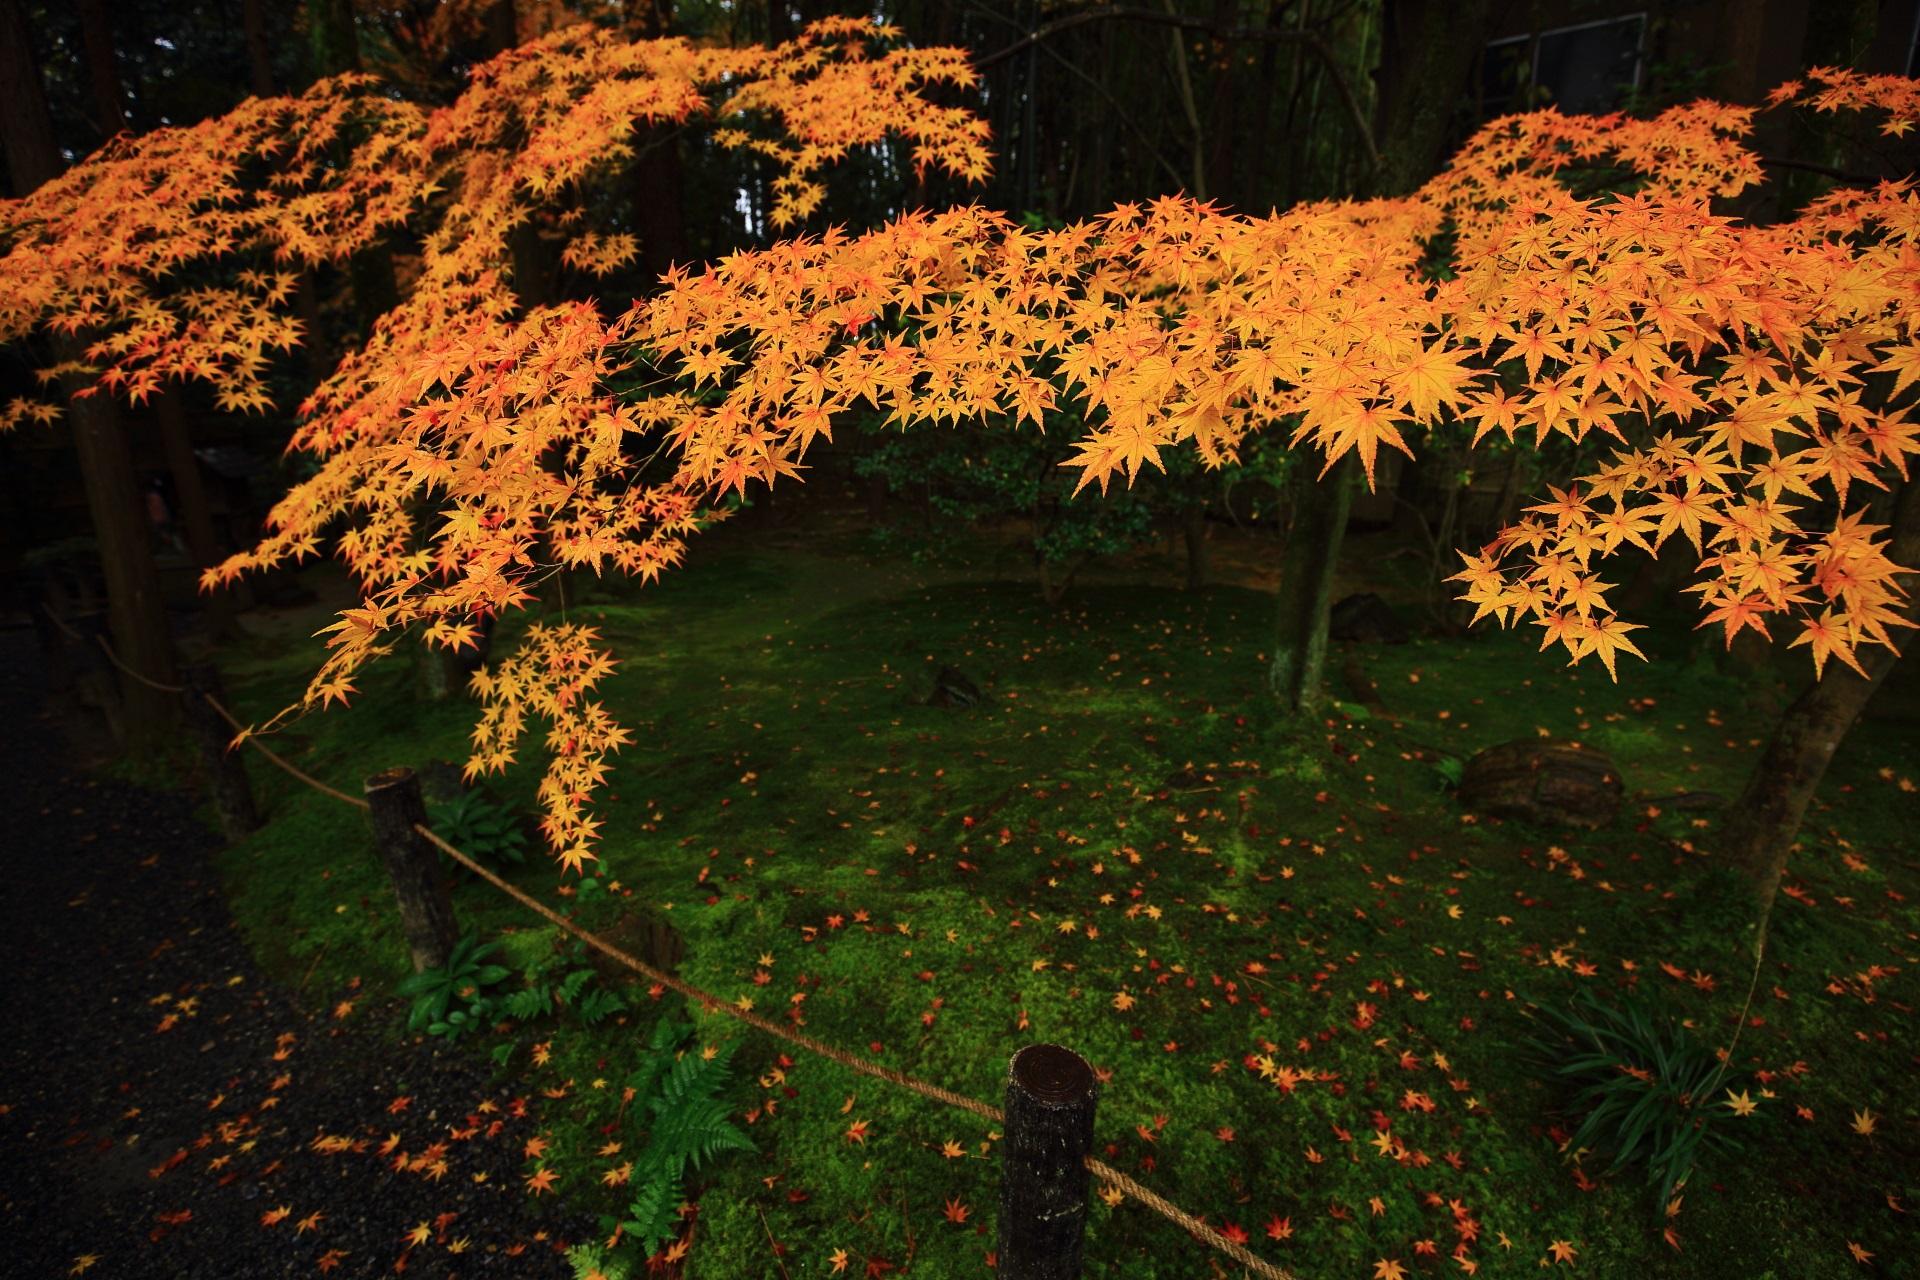 桂春院の静かな庭園でほのかに光るような絶品の紅葉